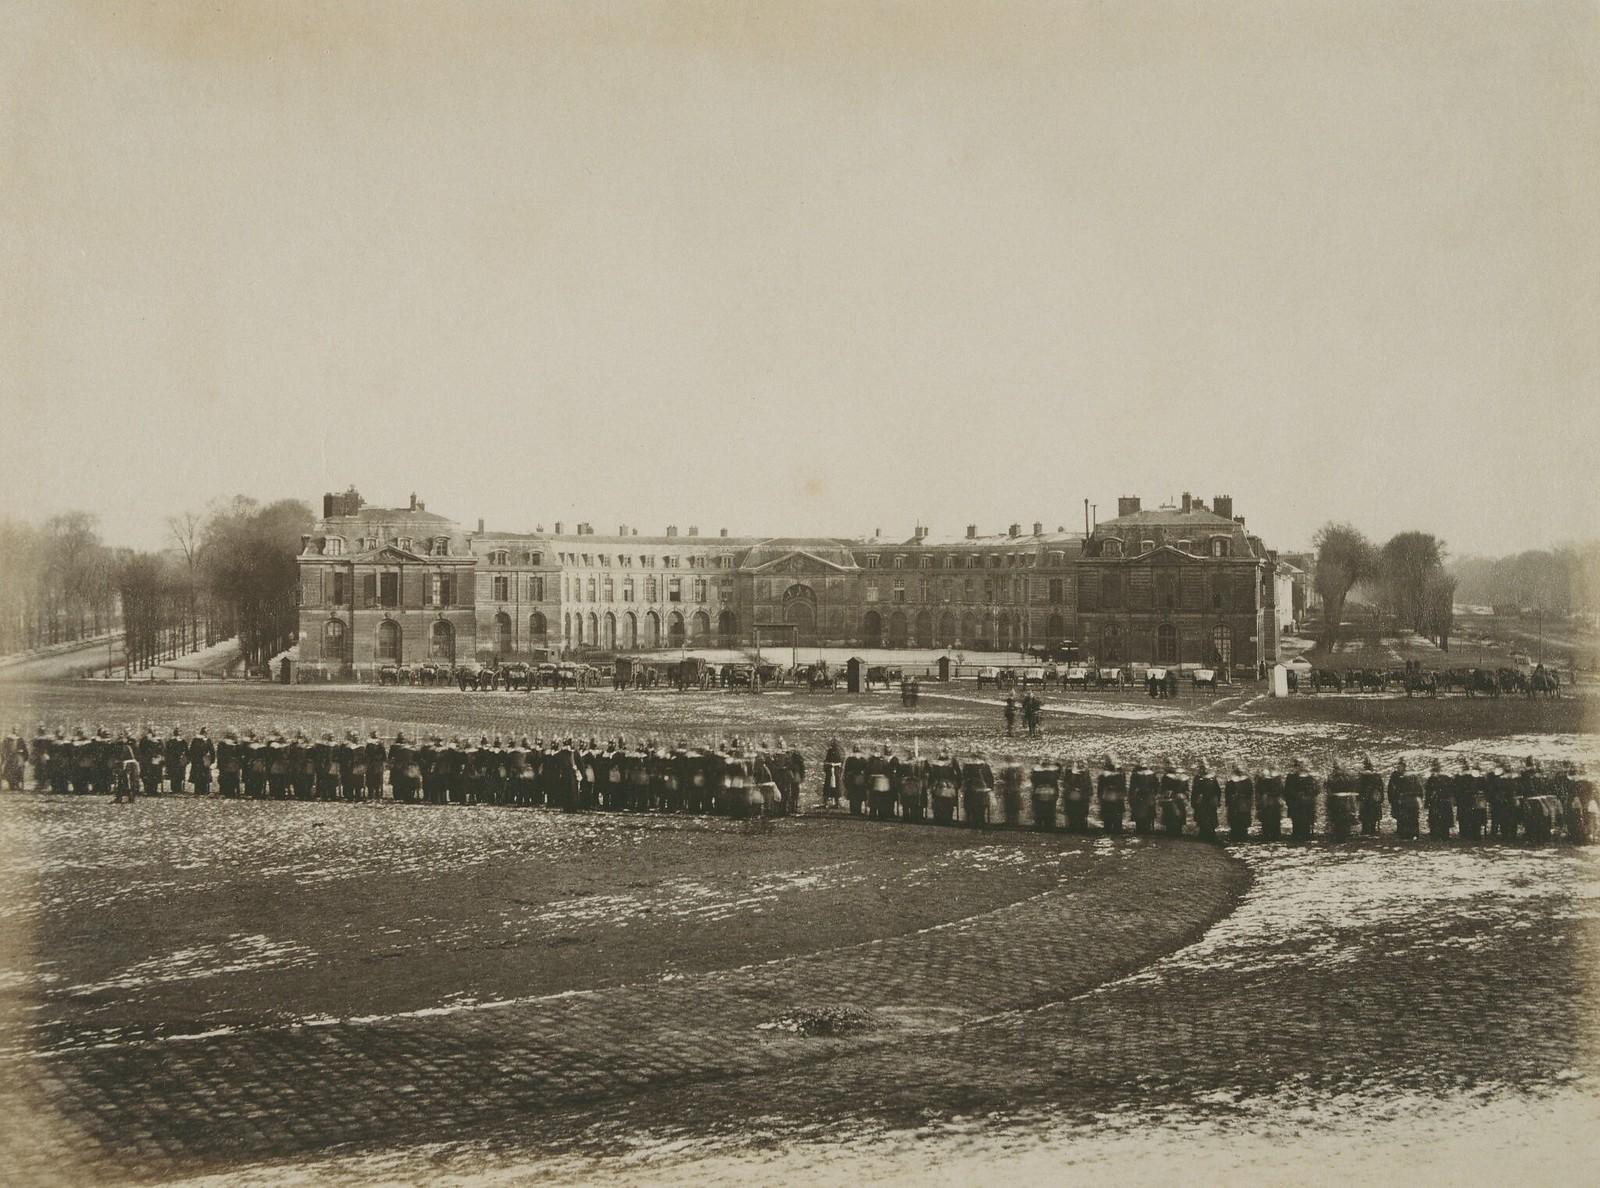 13. 1871. Парад прусских войск в пригороде Сен-Клу после оккупации Парижа во время франко-прусской войны 17 февраля